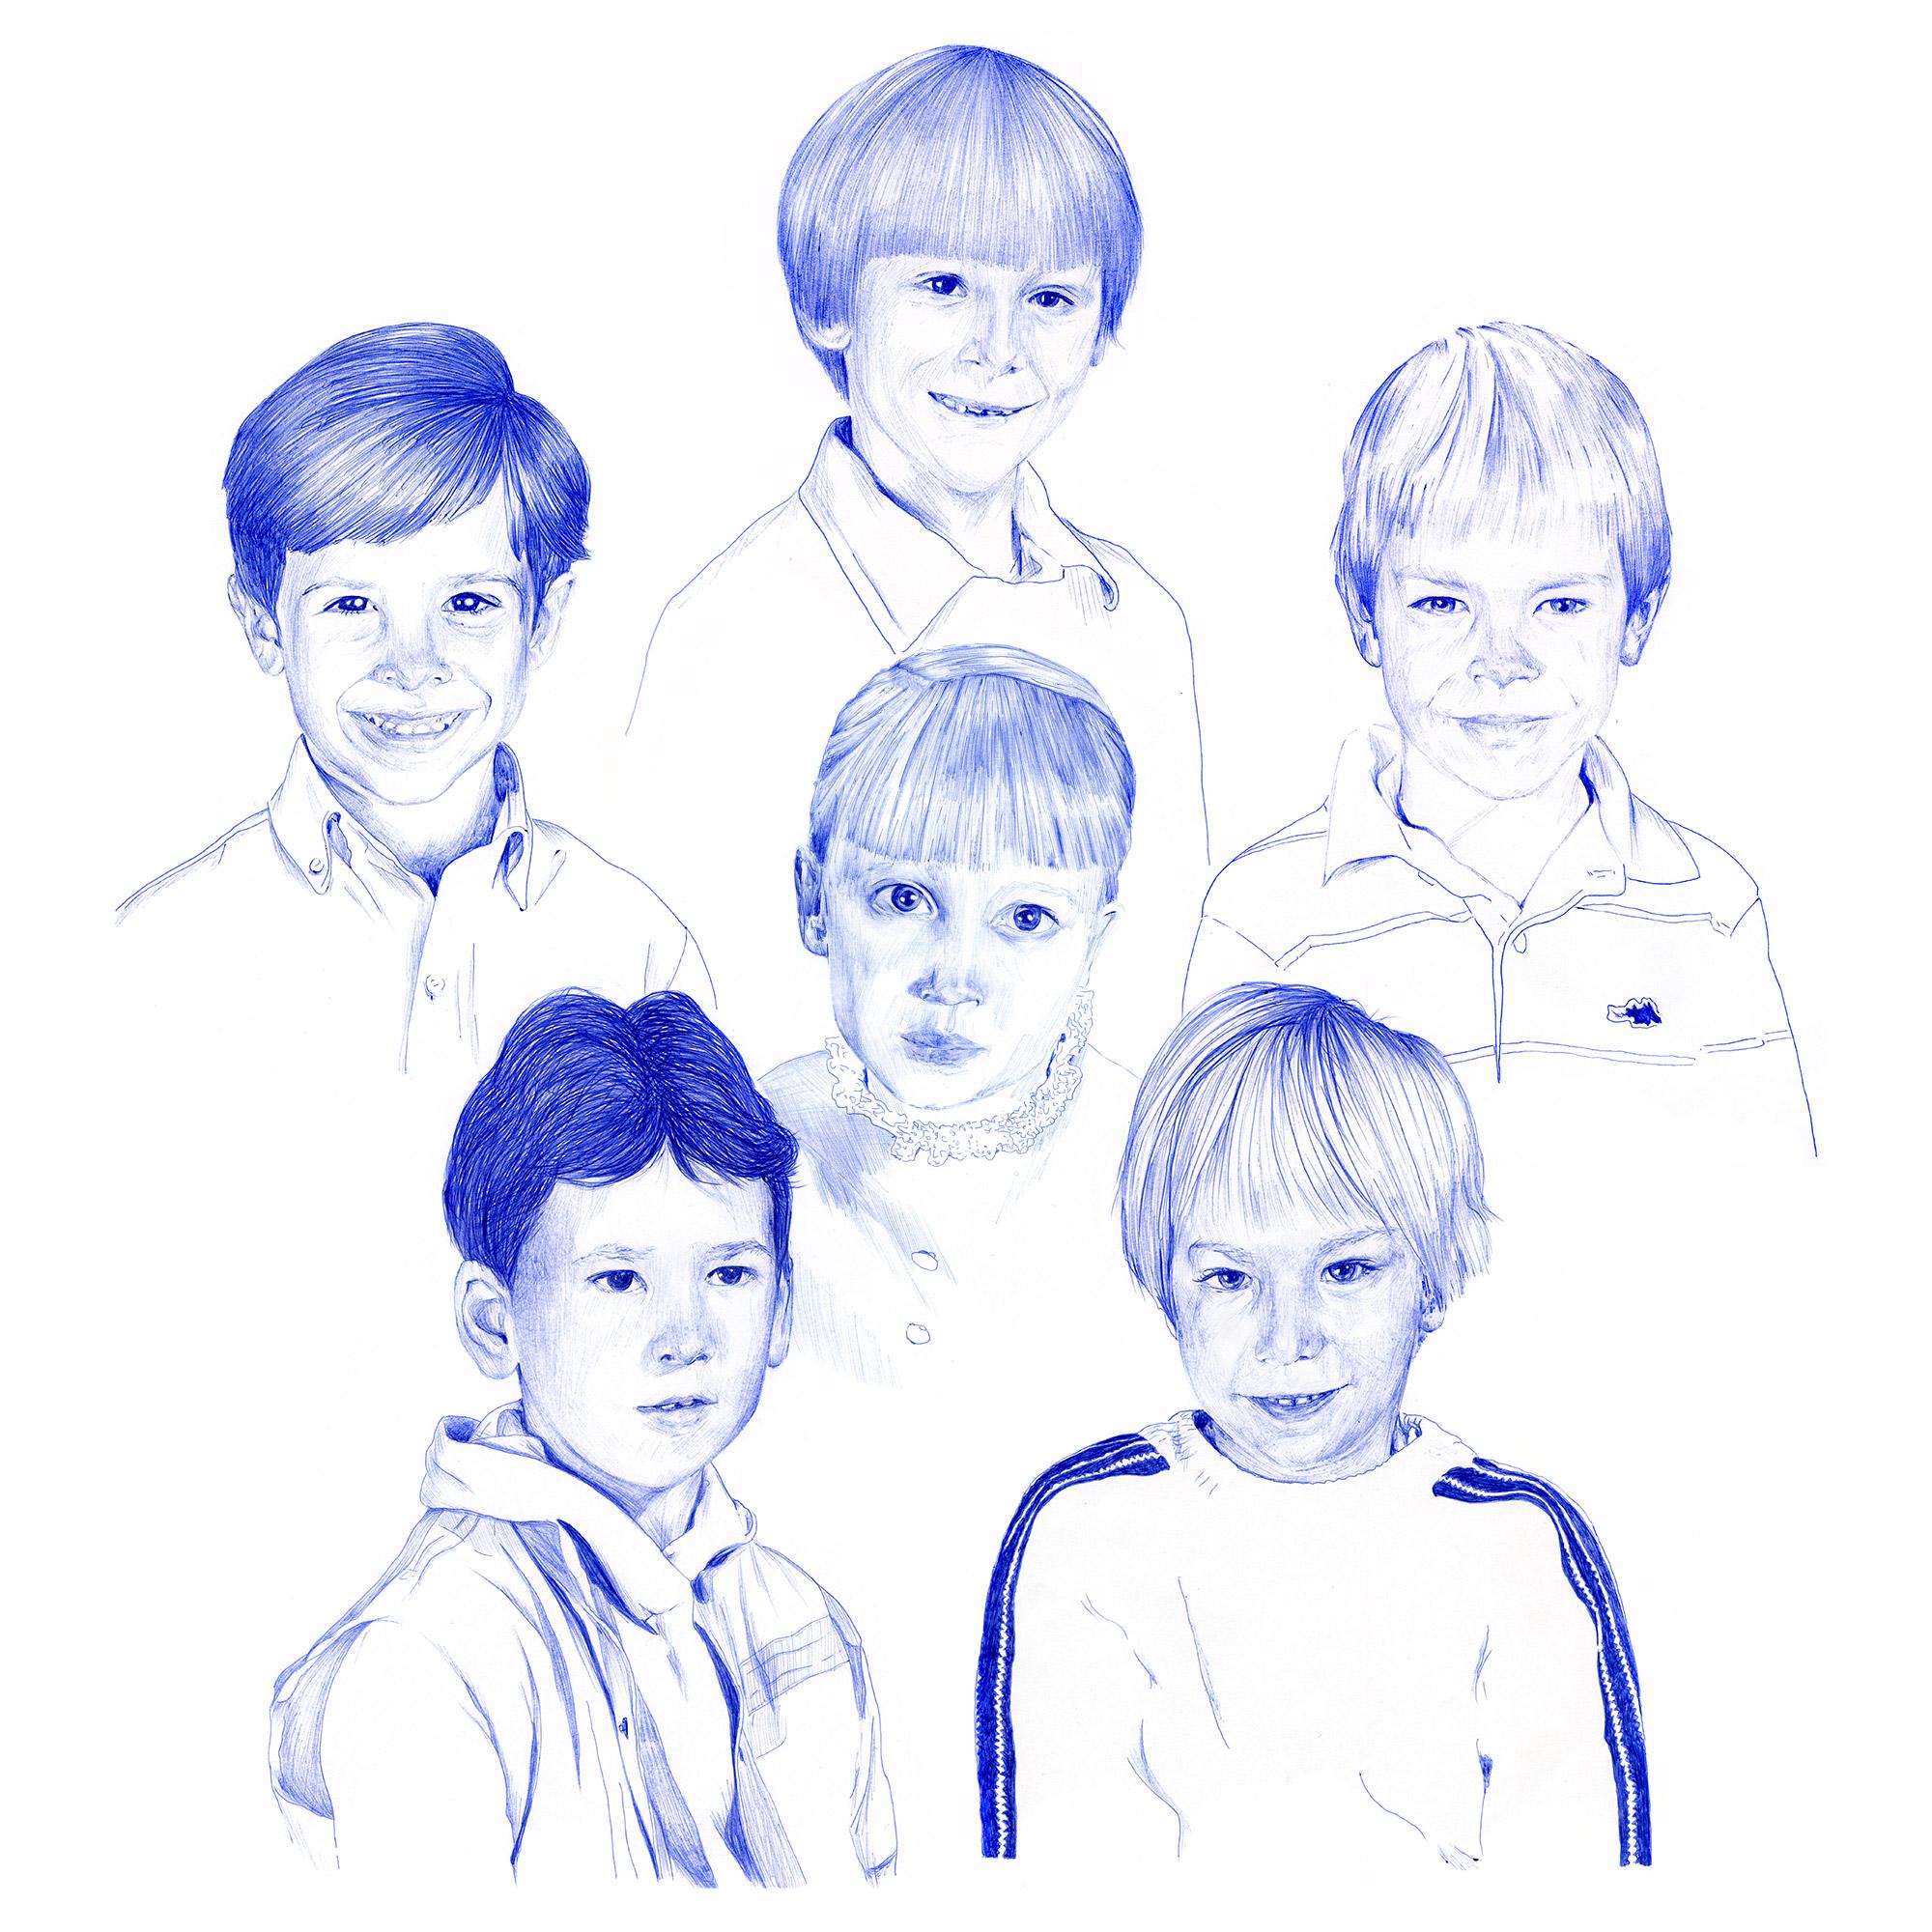 1984 Portraits